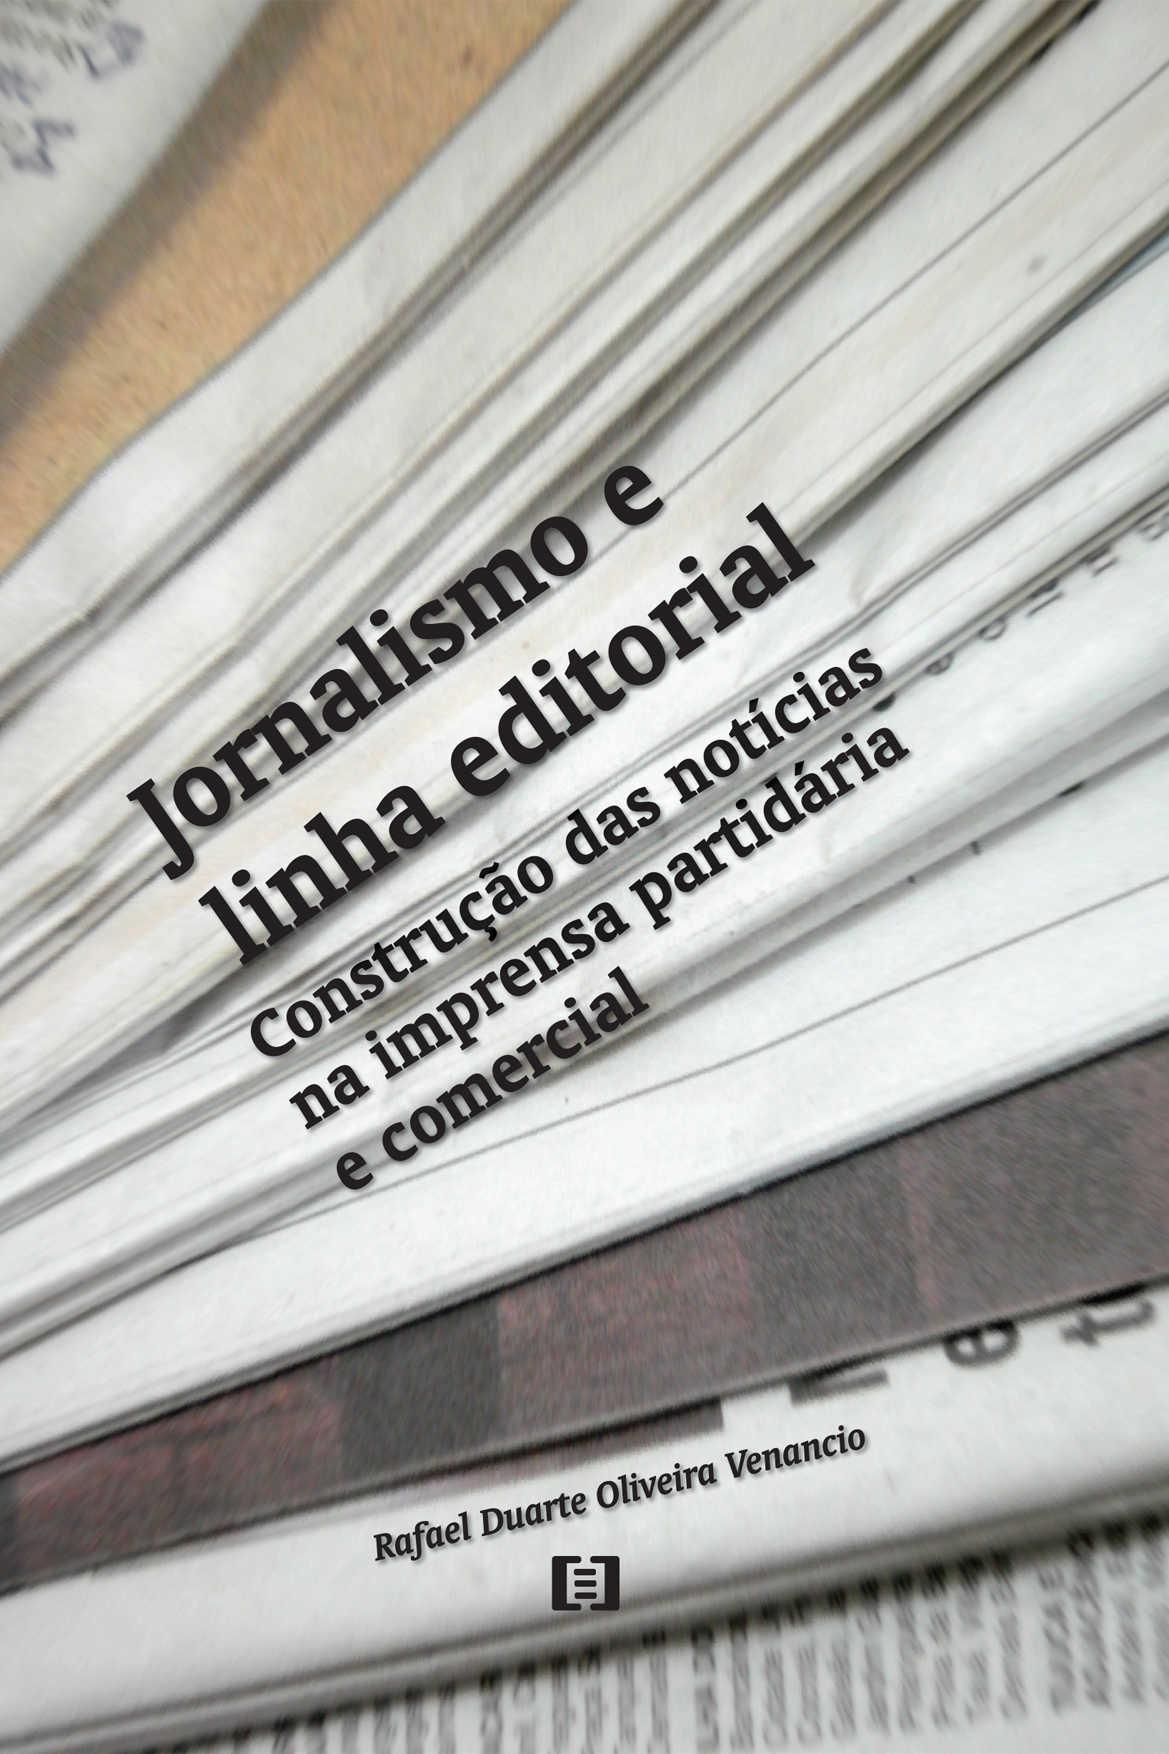 Jornalismo e linha editorial: Construção das notícias na imprensa partidária e comercial